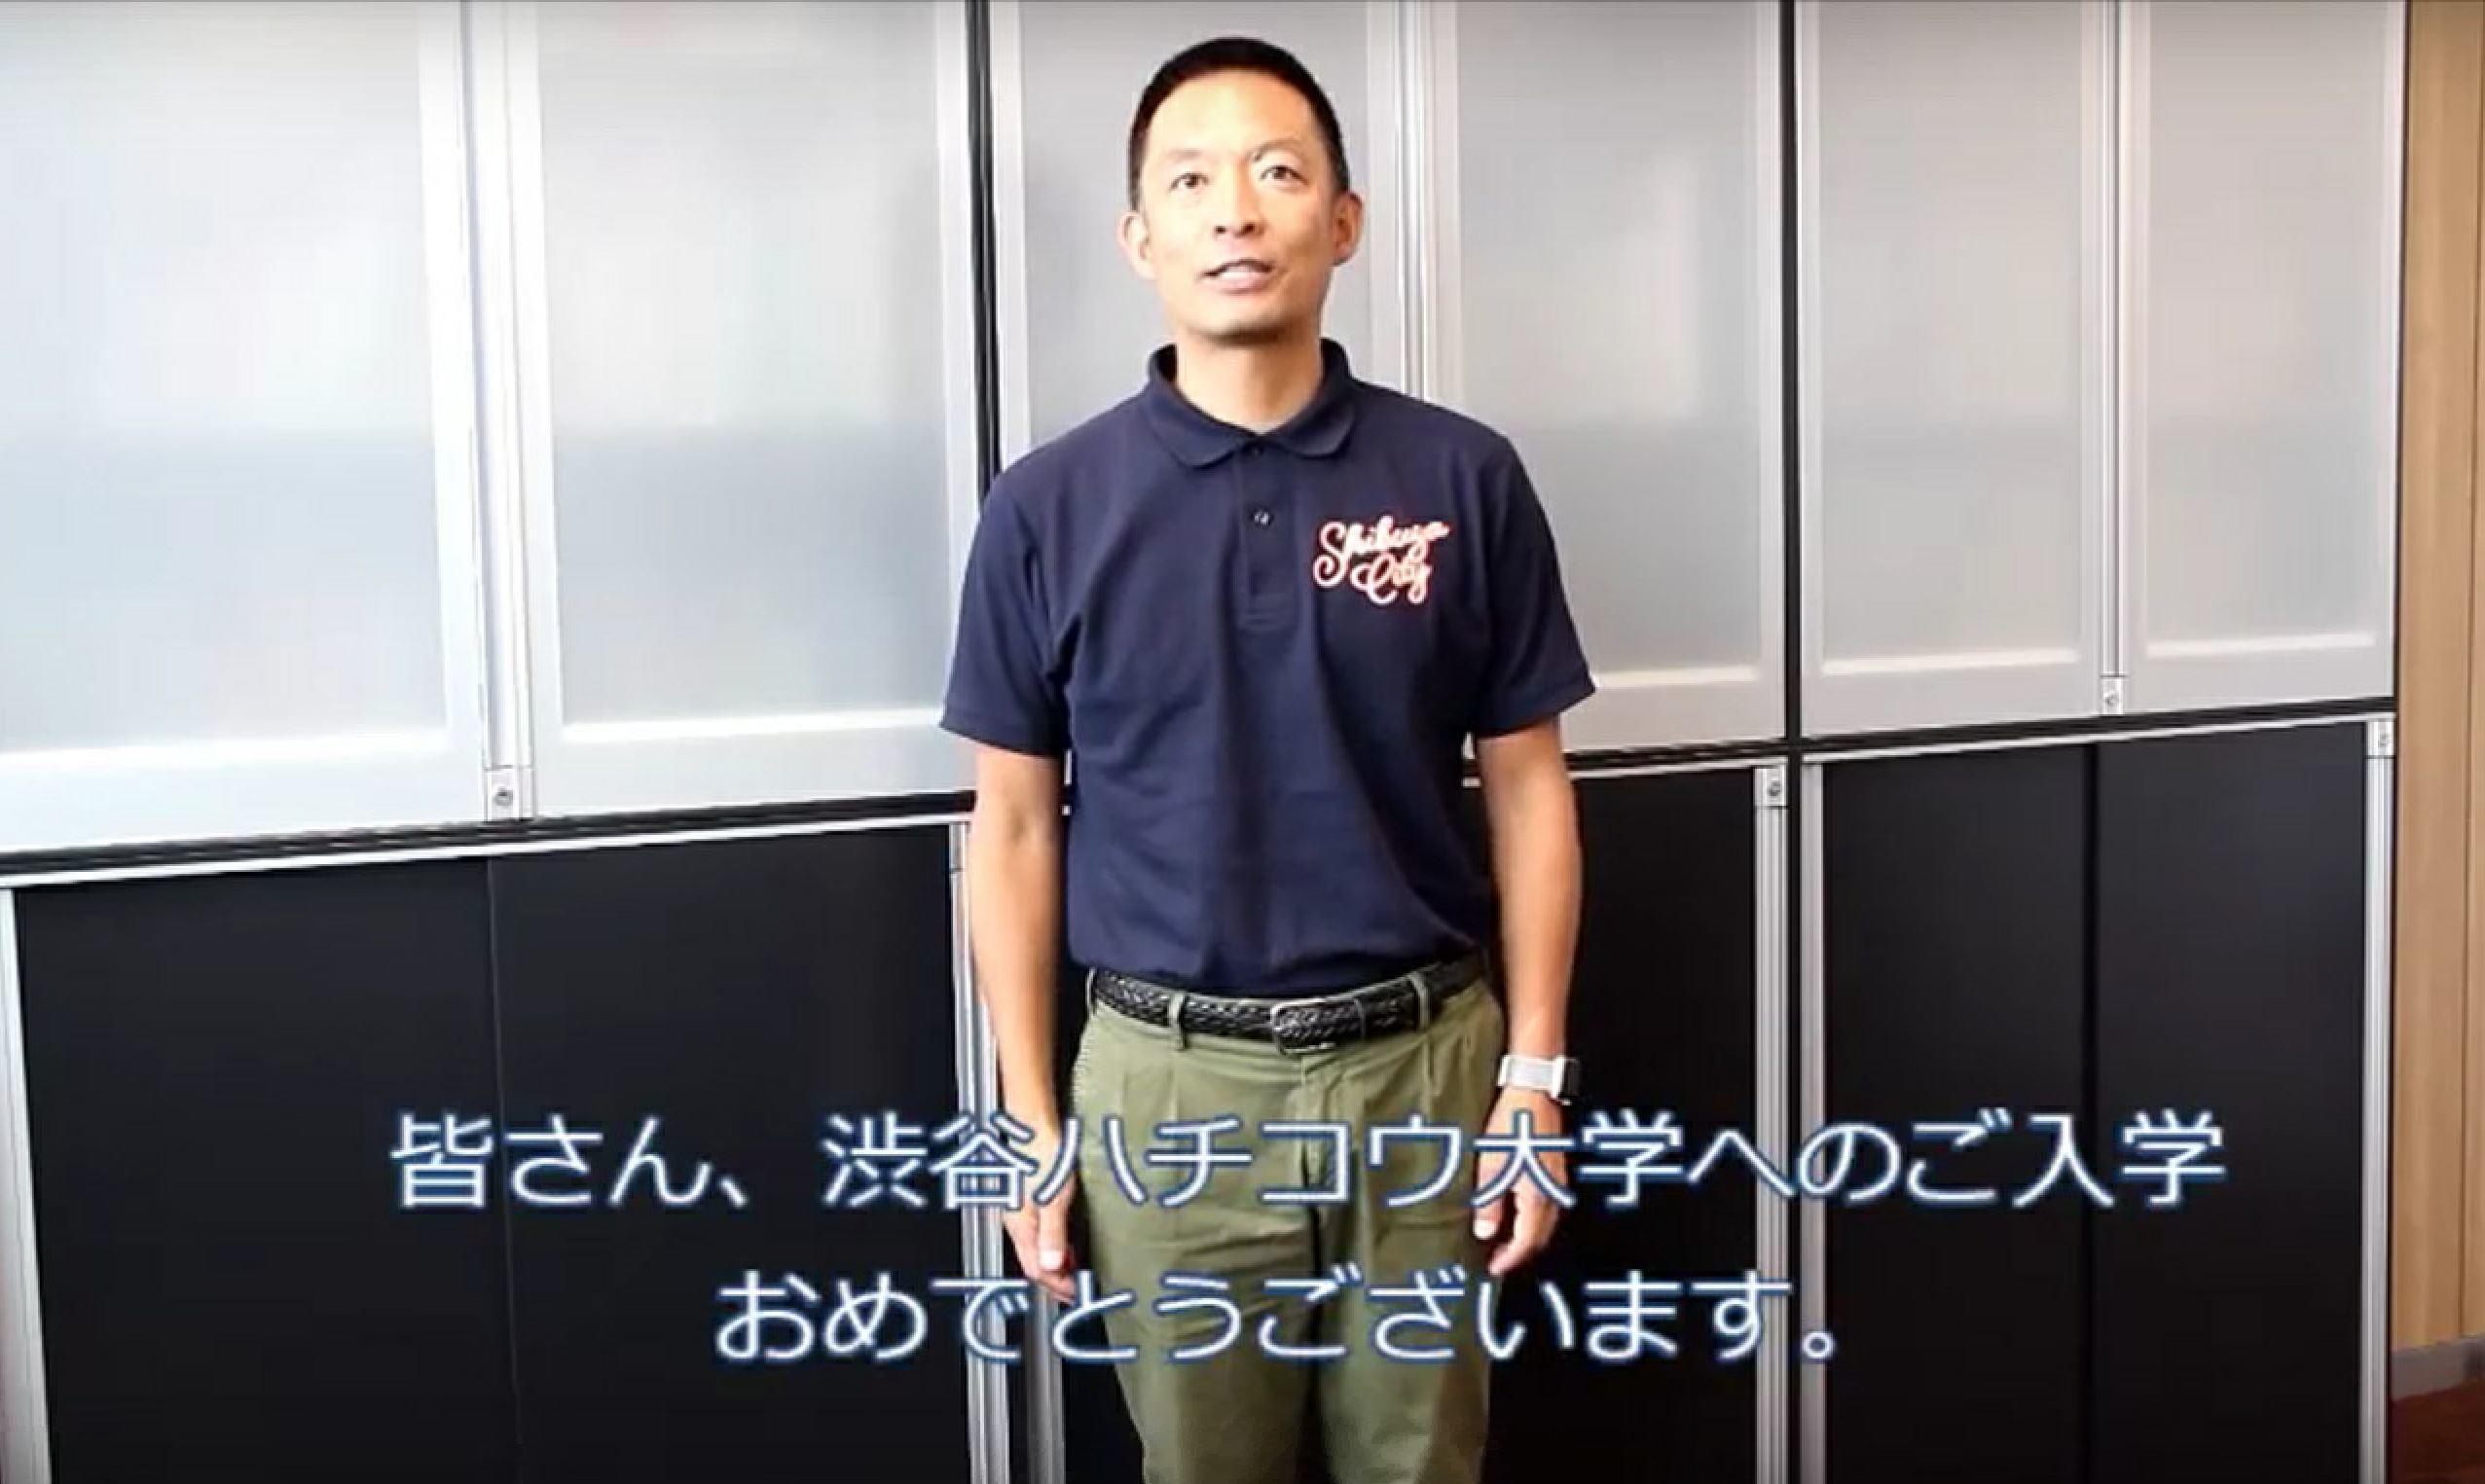 学長・長谷部健からの入学式式辞の動画をアップしました。